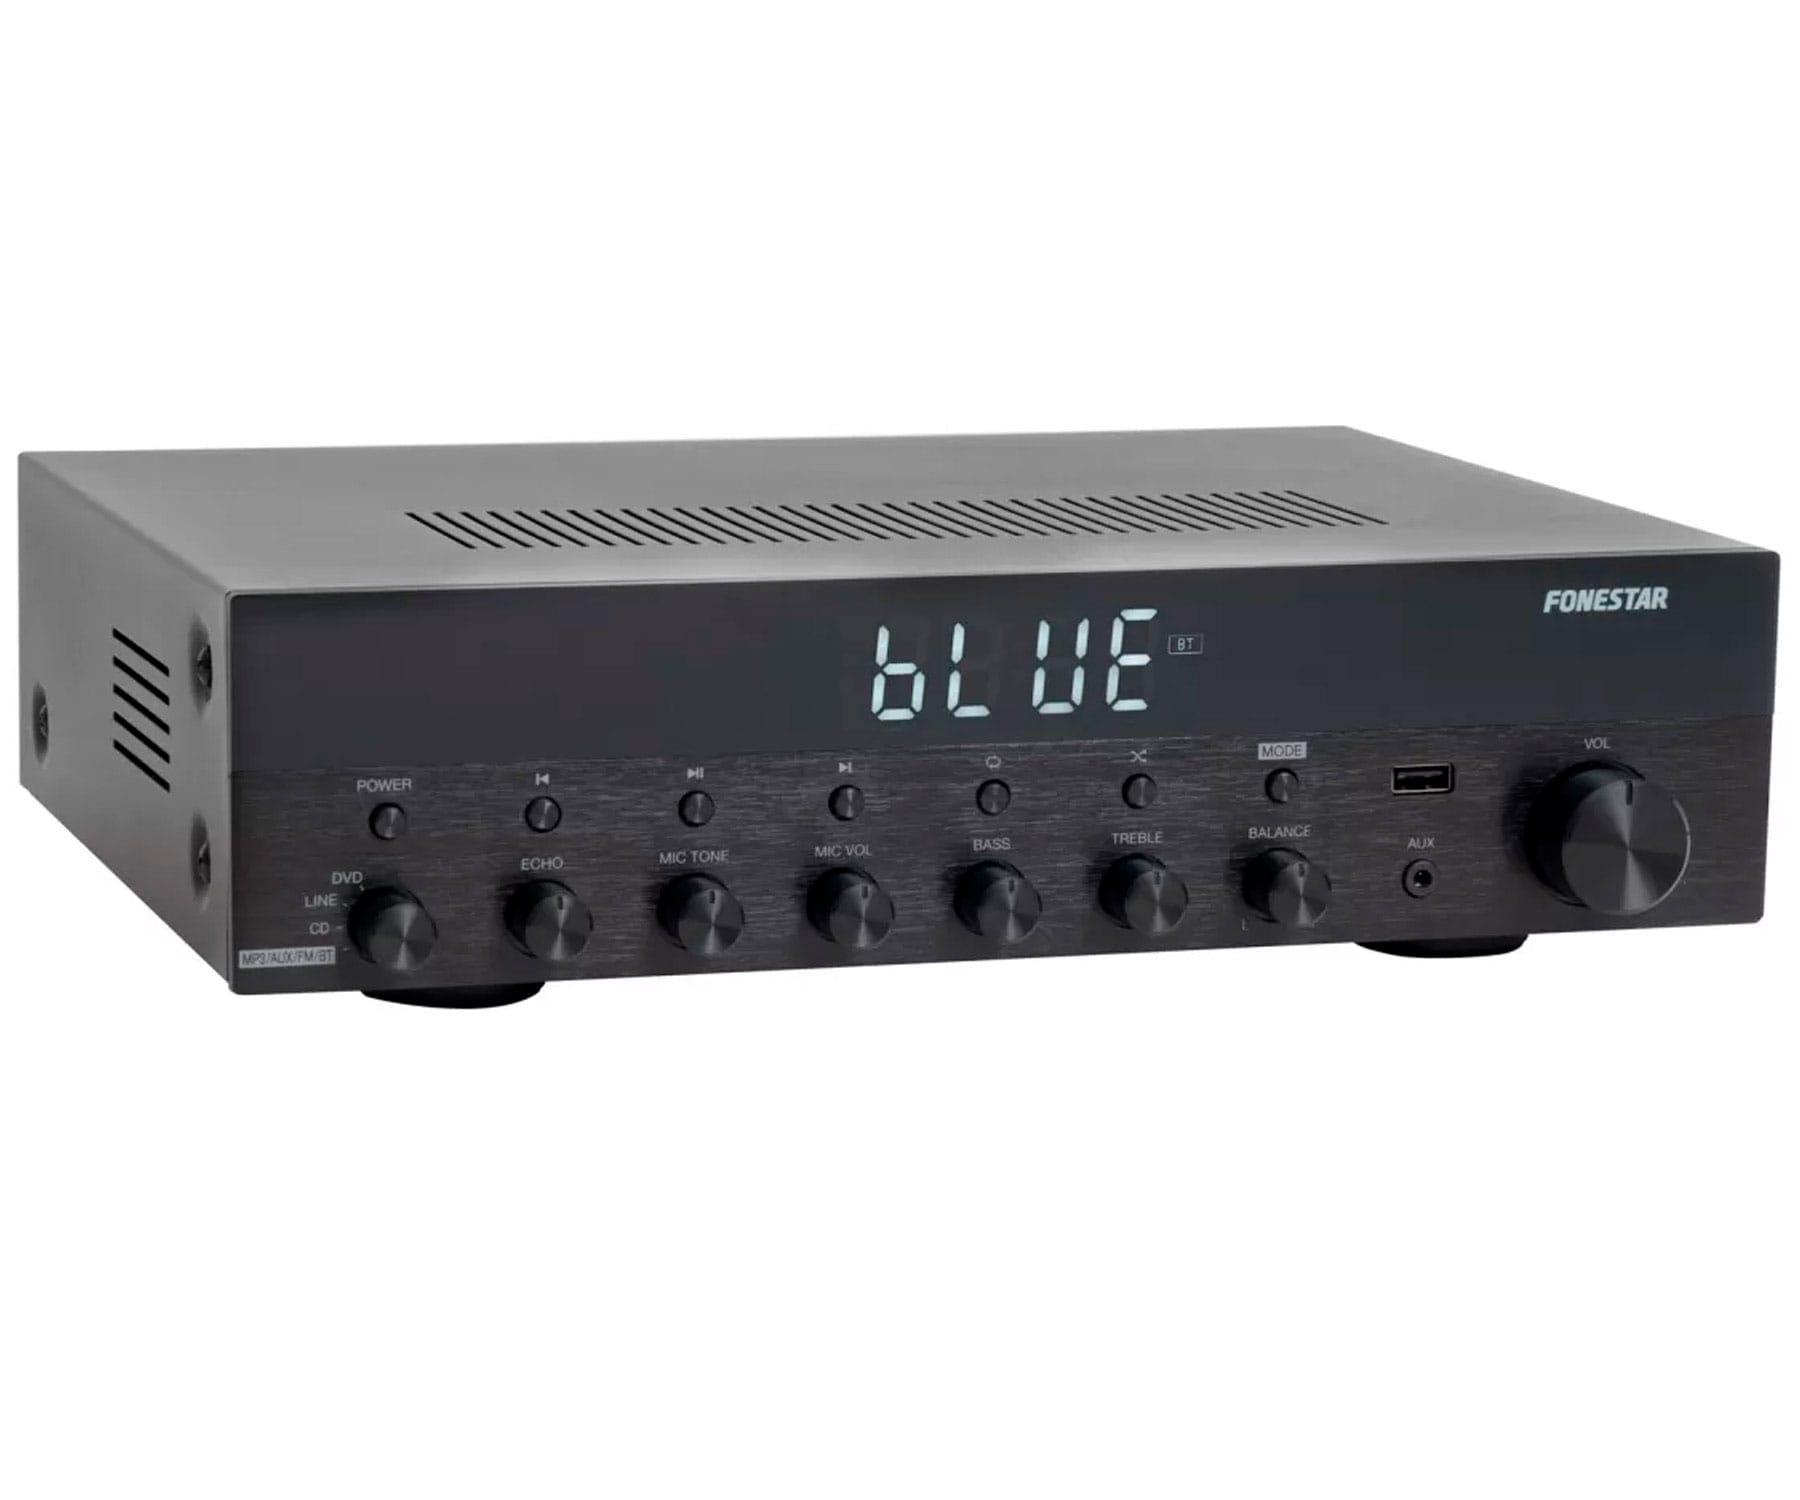 FONESTAR AS-6060 AMPLIFICADOR ESTÉREO HI-FI 60+60W BLUETOOTH USB MP3 FM ENTRADAS MICRO Y TONO